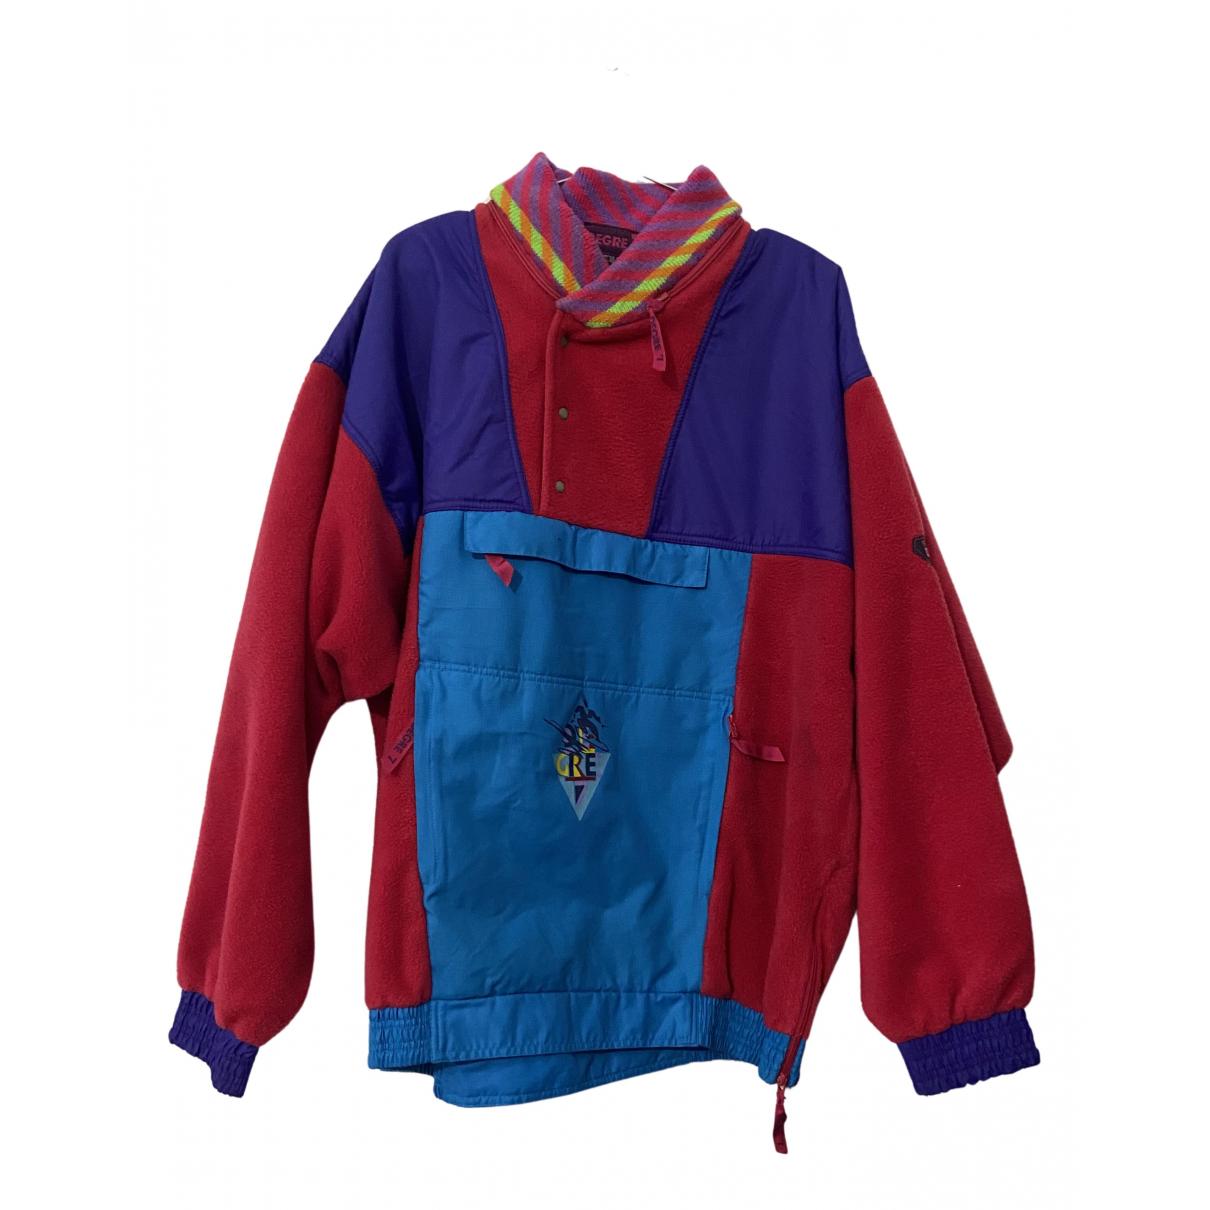 Degre 7 - Pulls.Gilets.Sweats   pour homme - multicolore